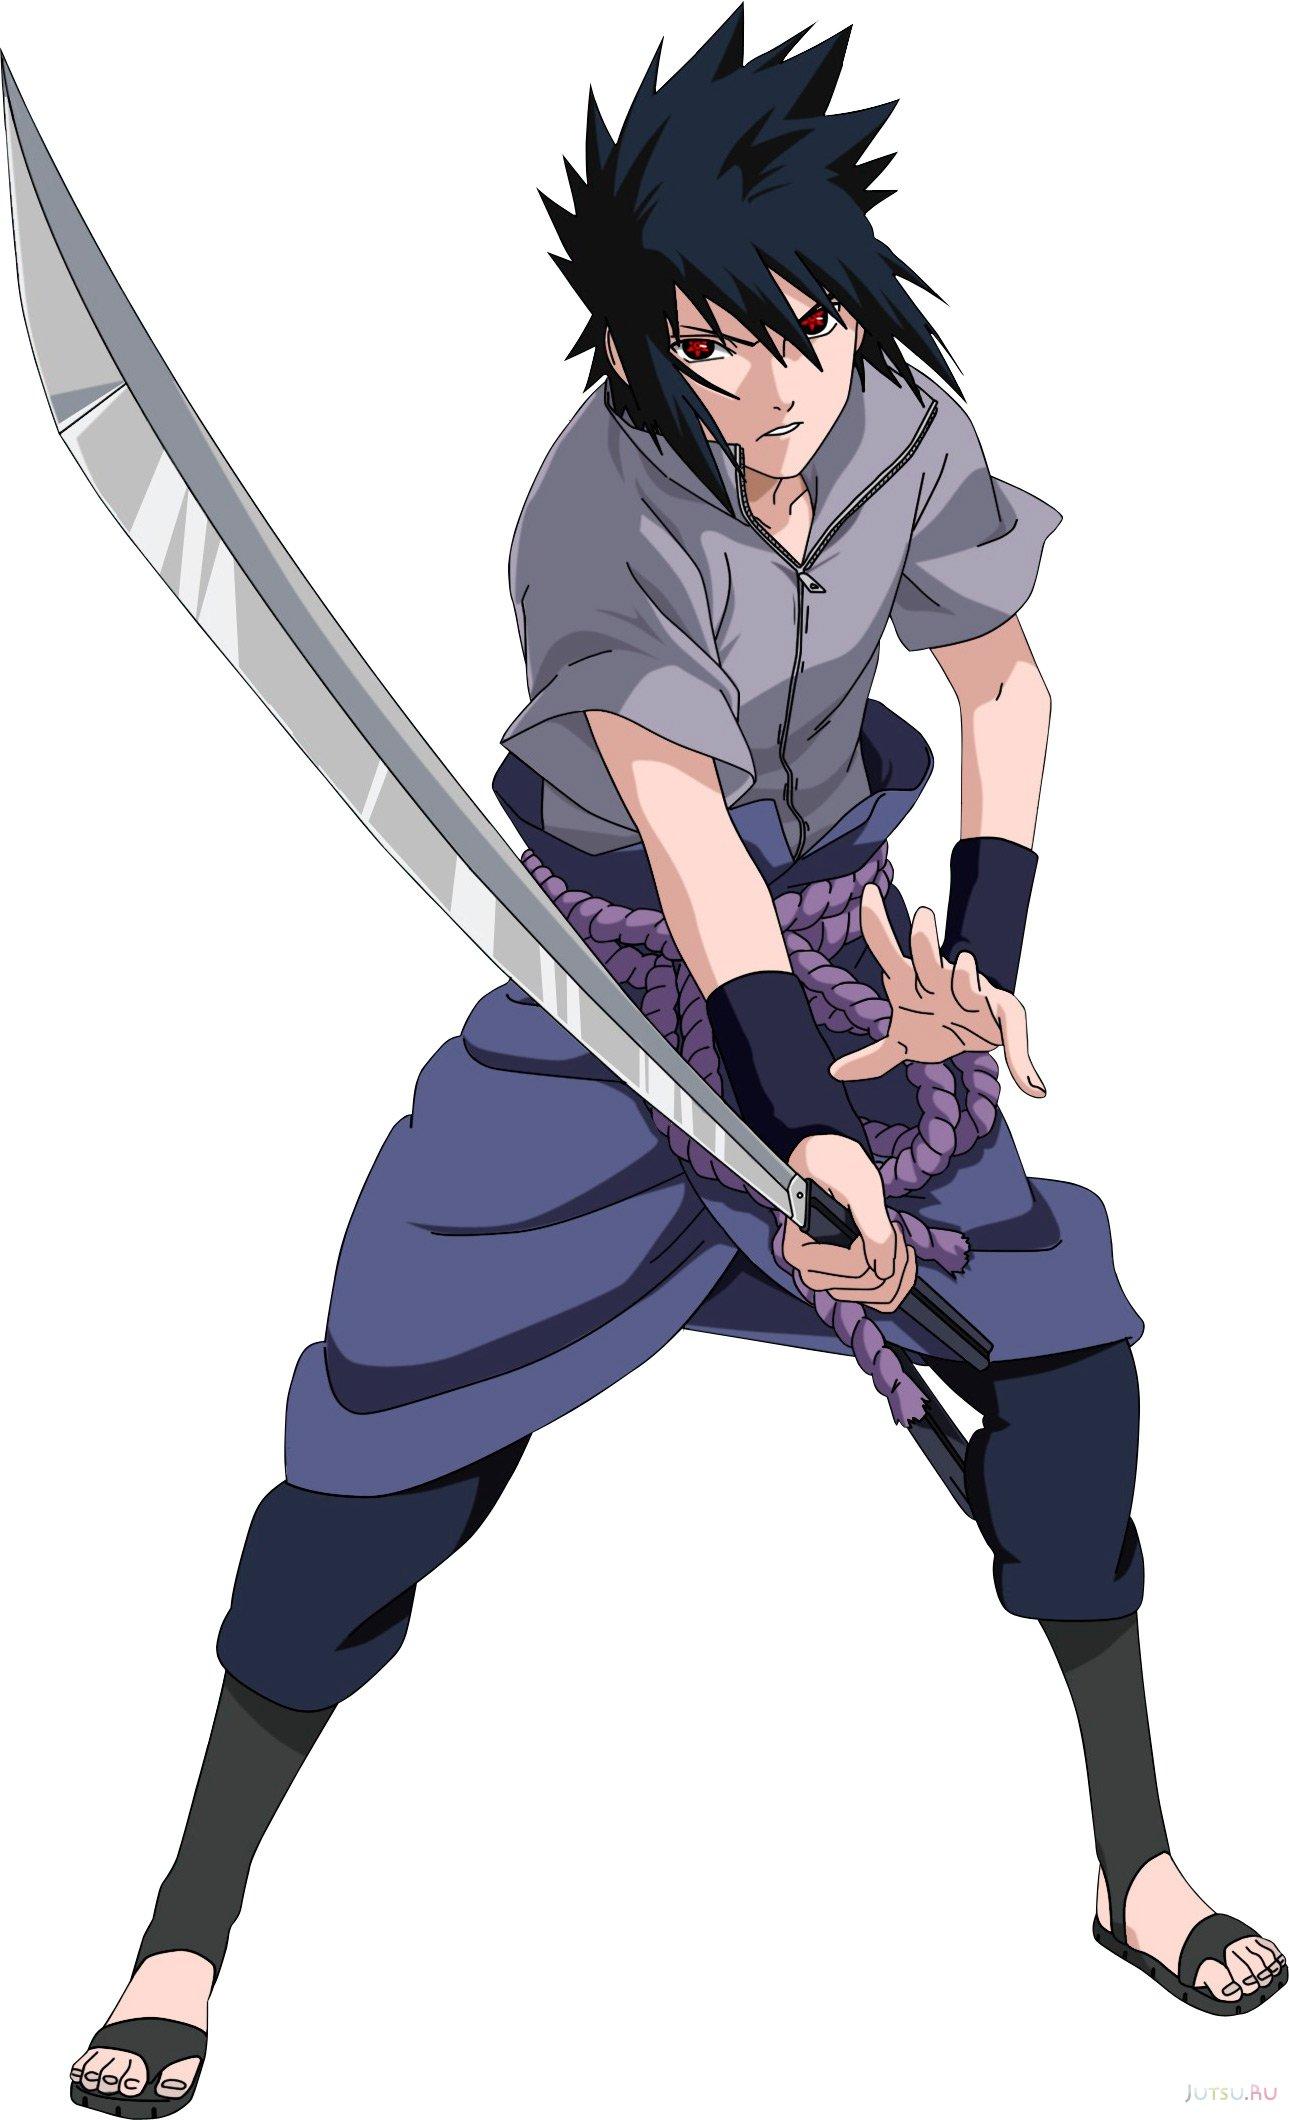 Саске Учиха/Uchiha Sasuke